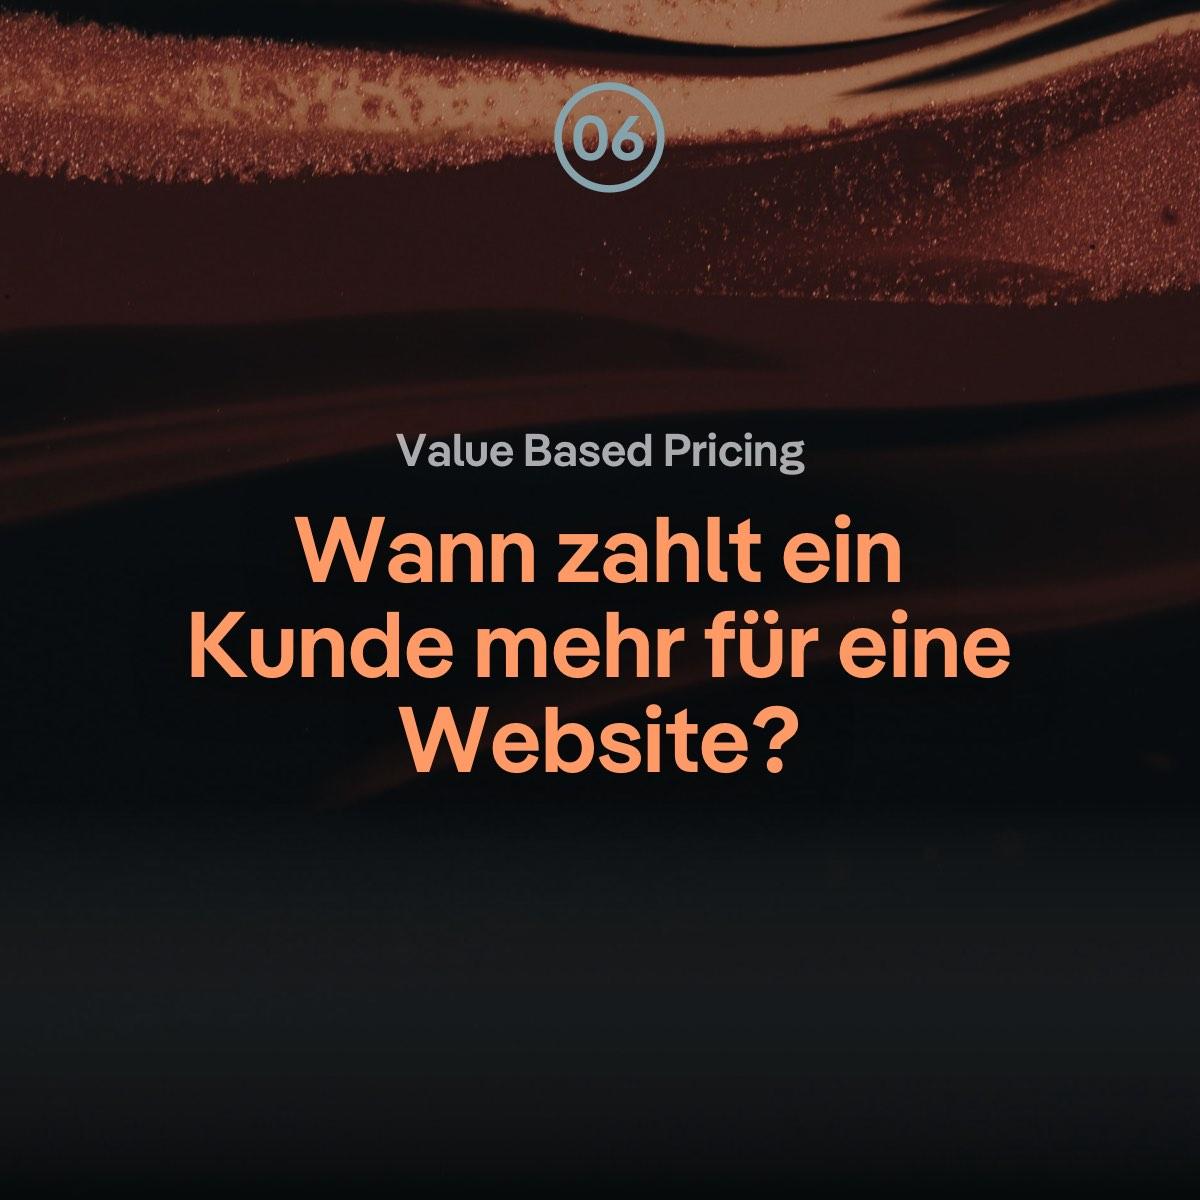 VBP: Wann zahlt ein Webdesign Kunde mehr für eine Website?